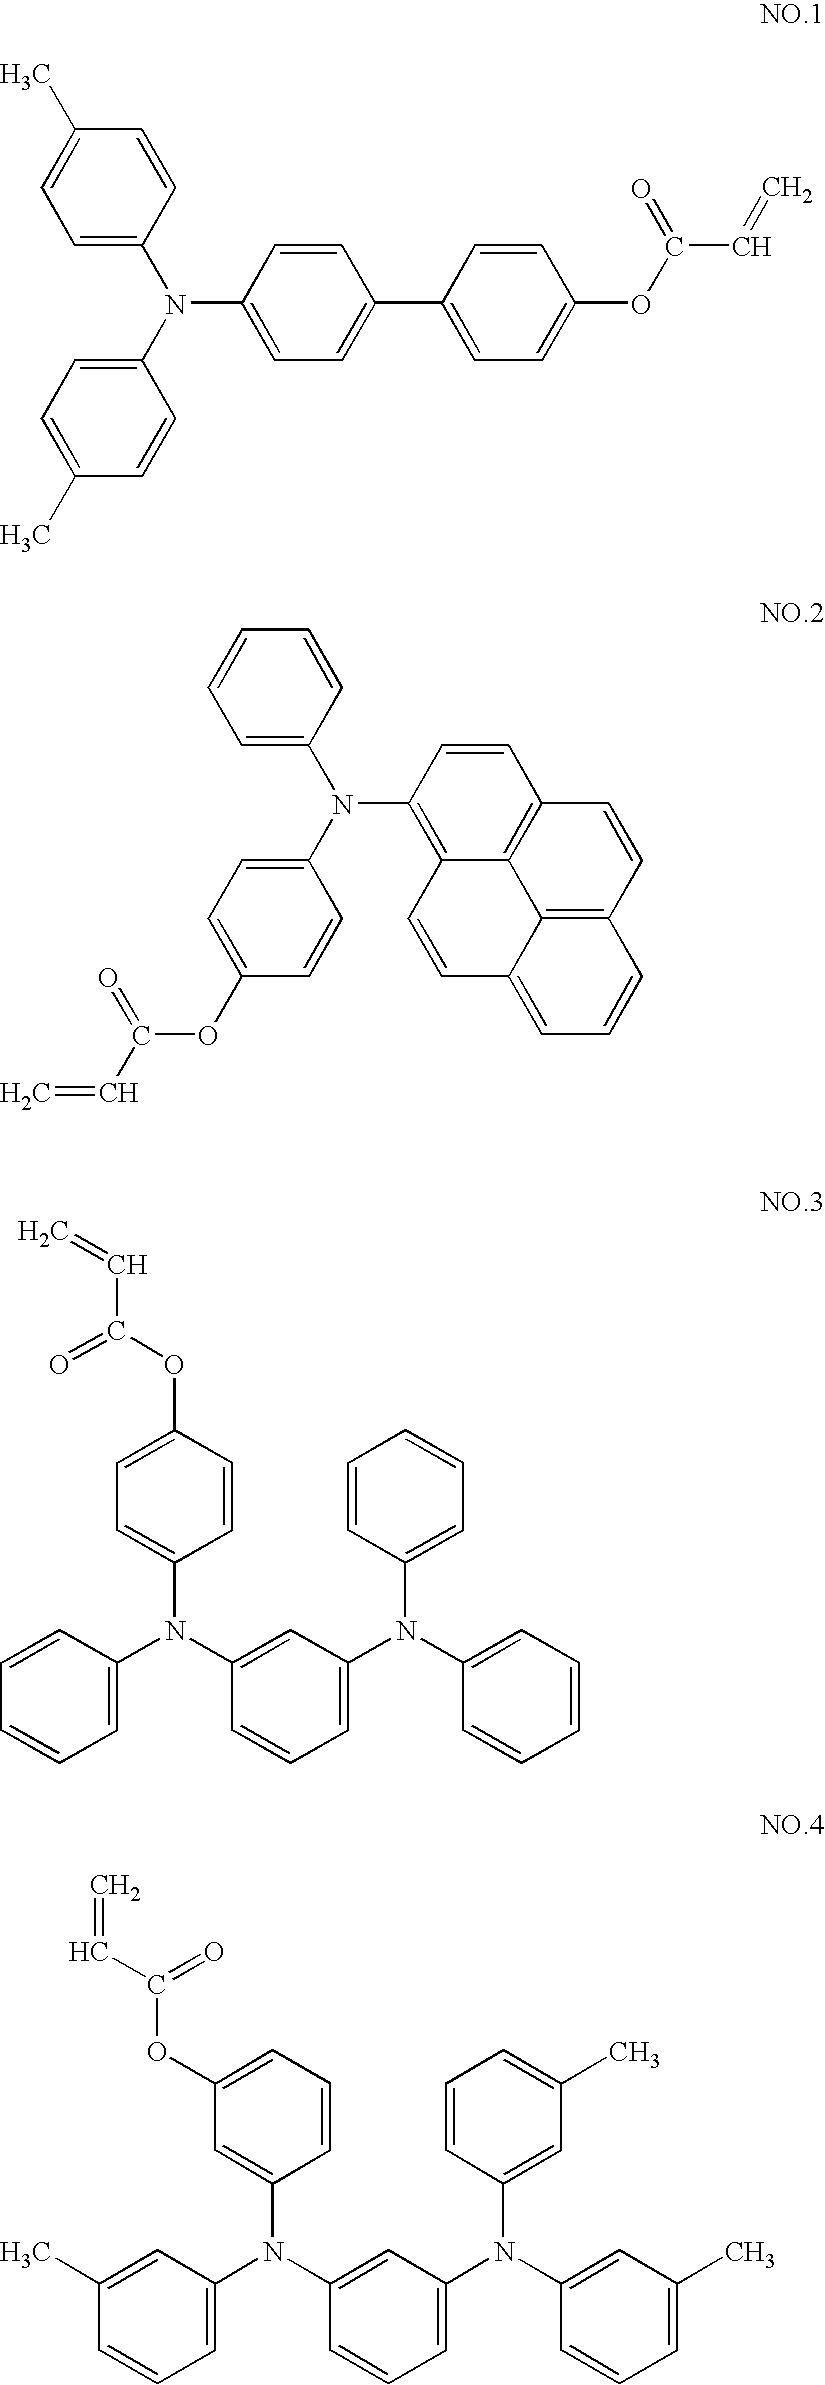 Figure US20070031746A1-20070208-C00006